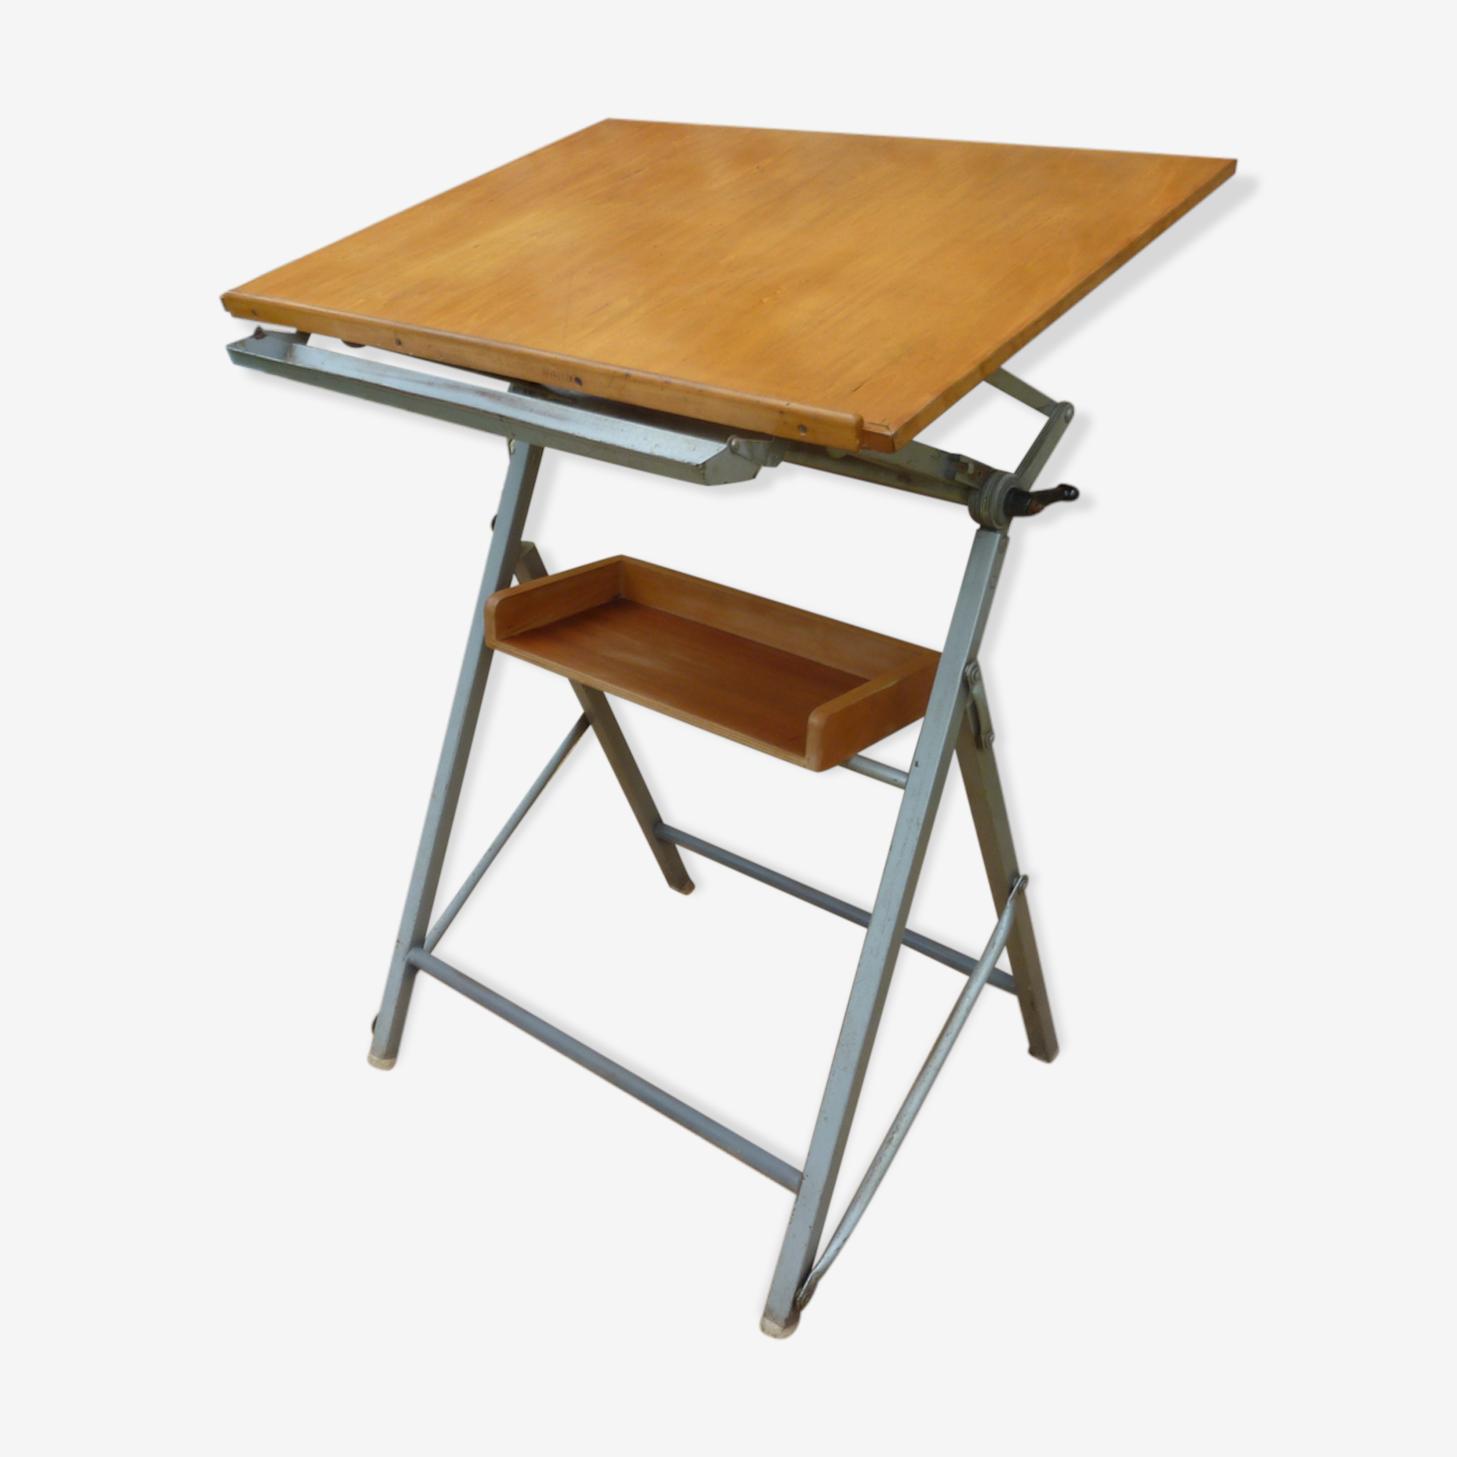 Table D Architecte En Bois table d'architecte industrielle en bois et métal années 50-60